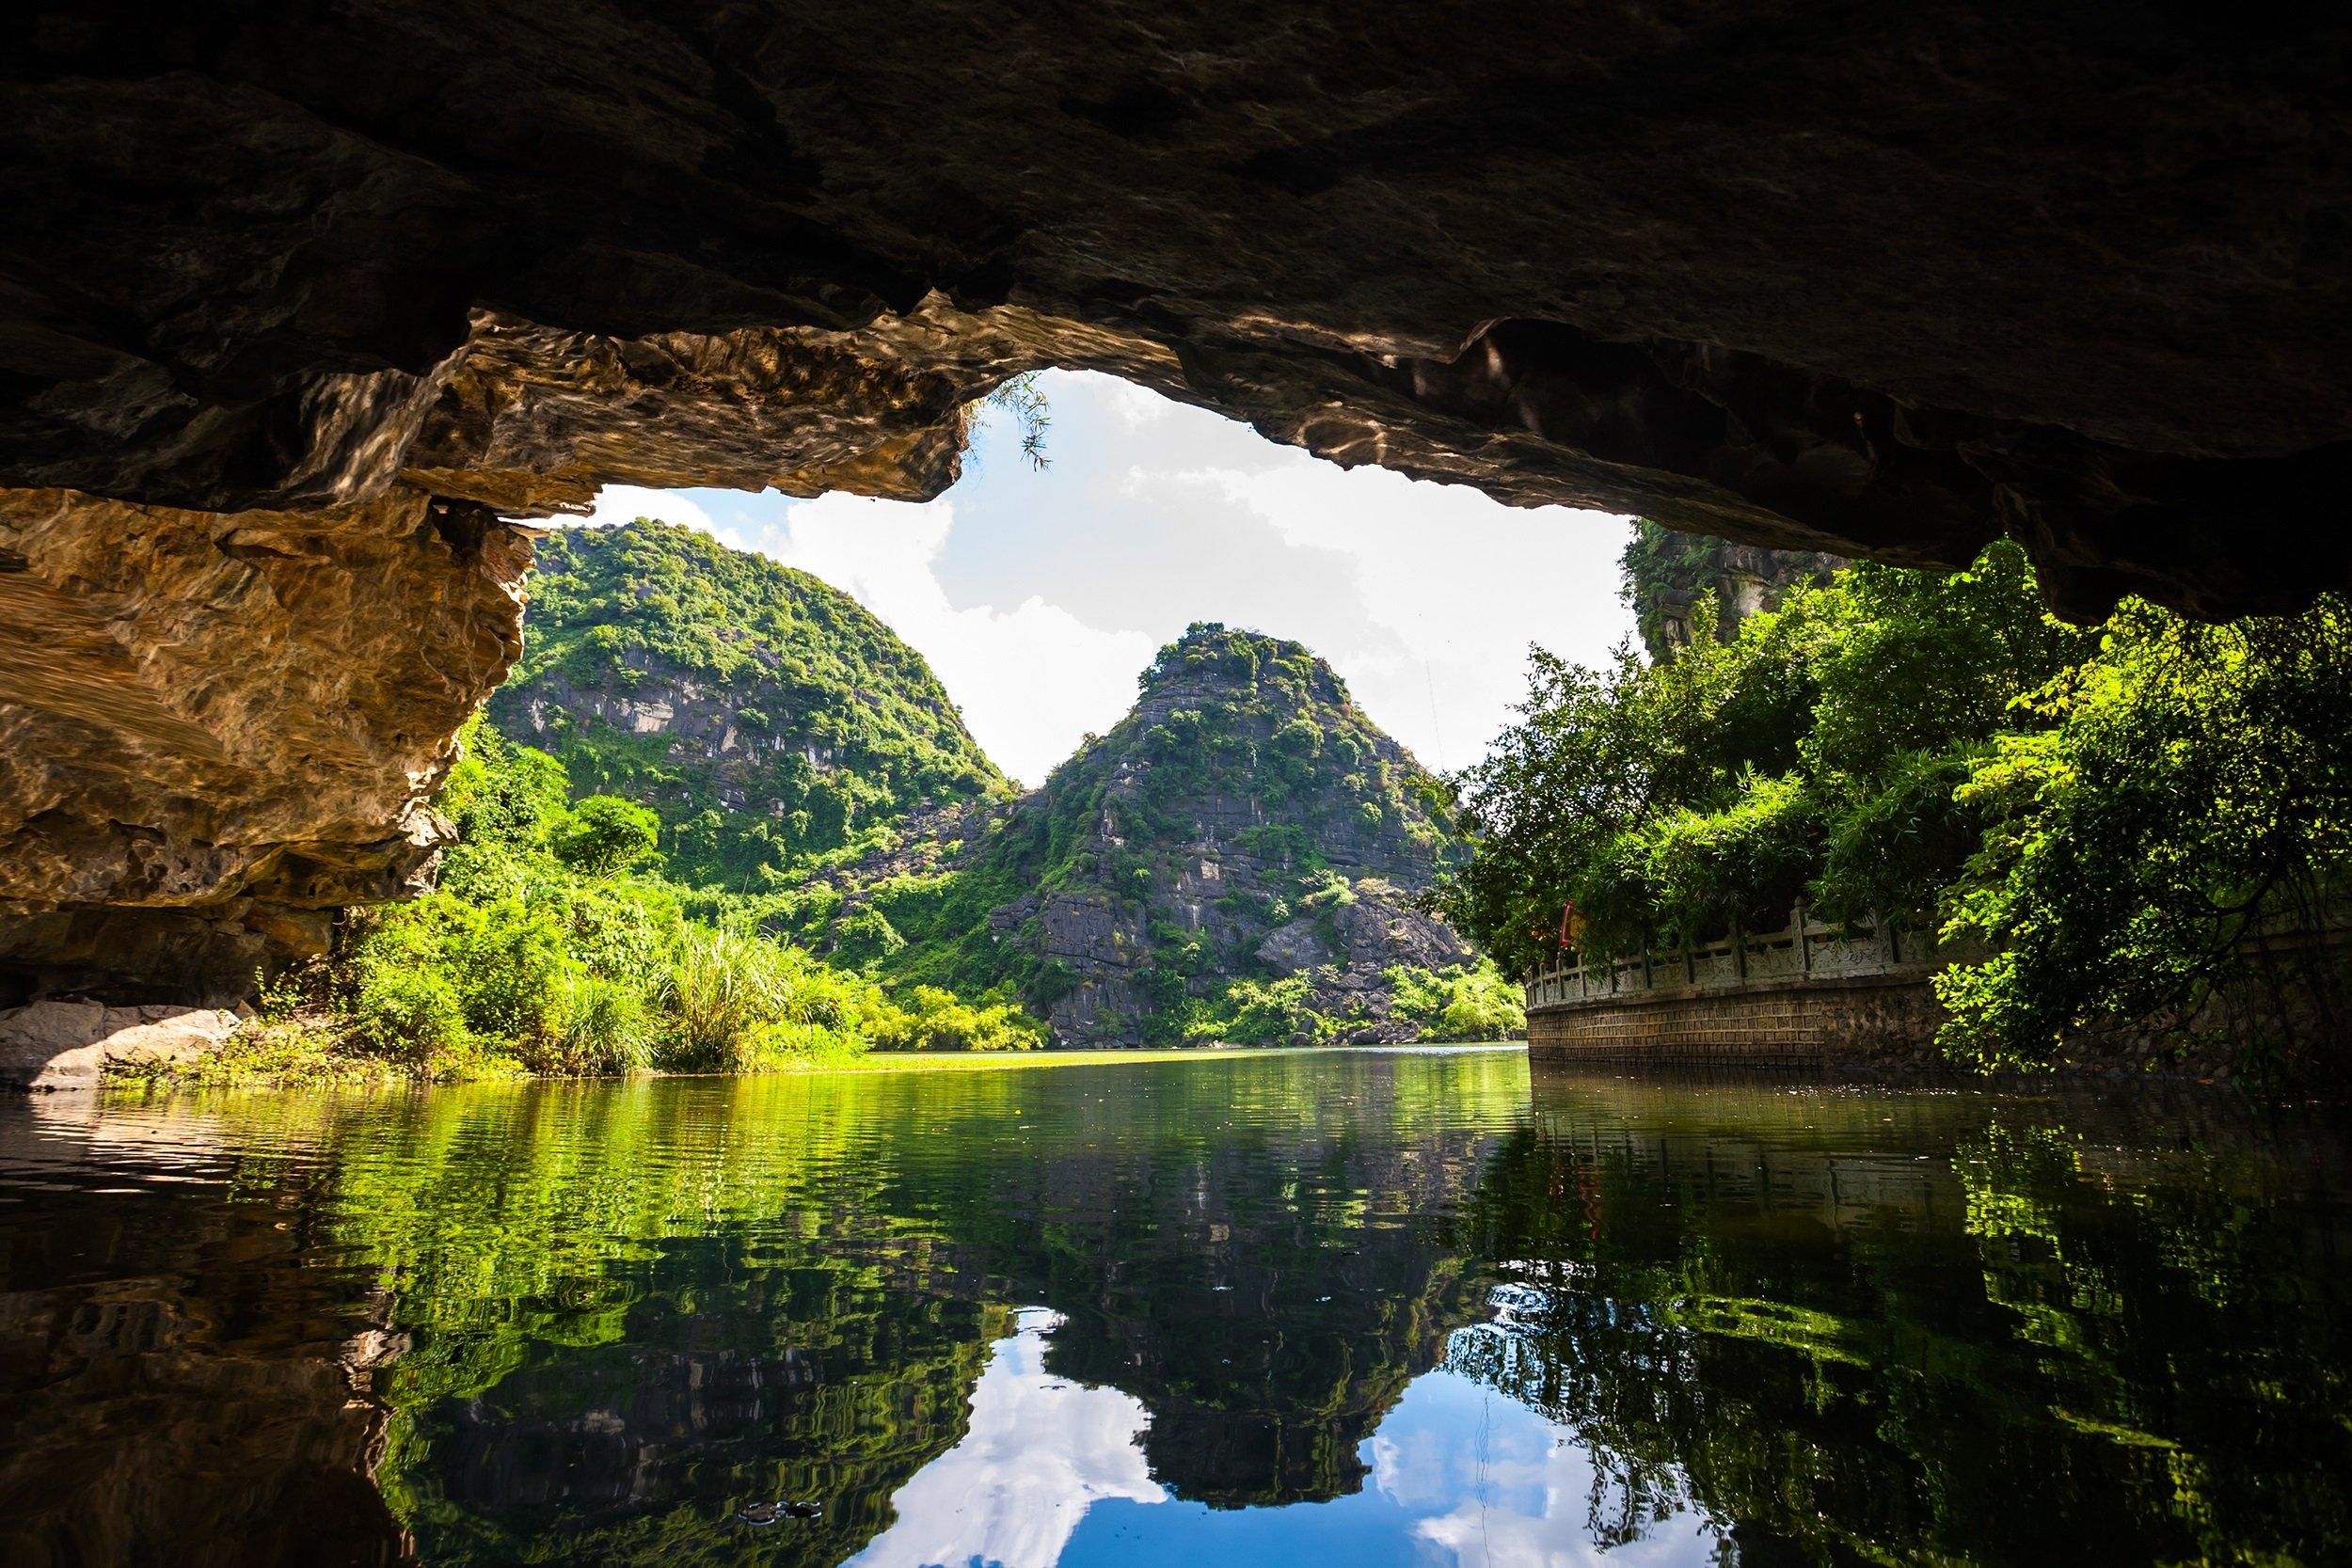 Discover Trang An Our Ninh Binh, Bai Dinh, Dancing Cave & Trang An Tour From Hanoi